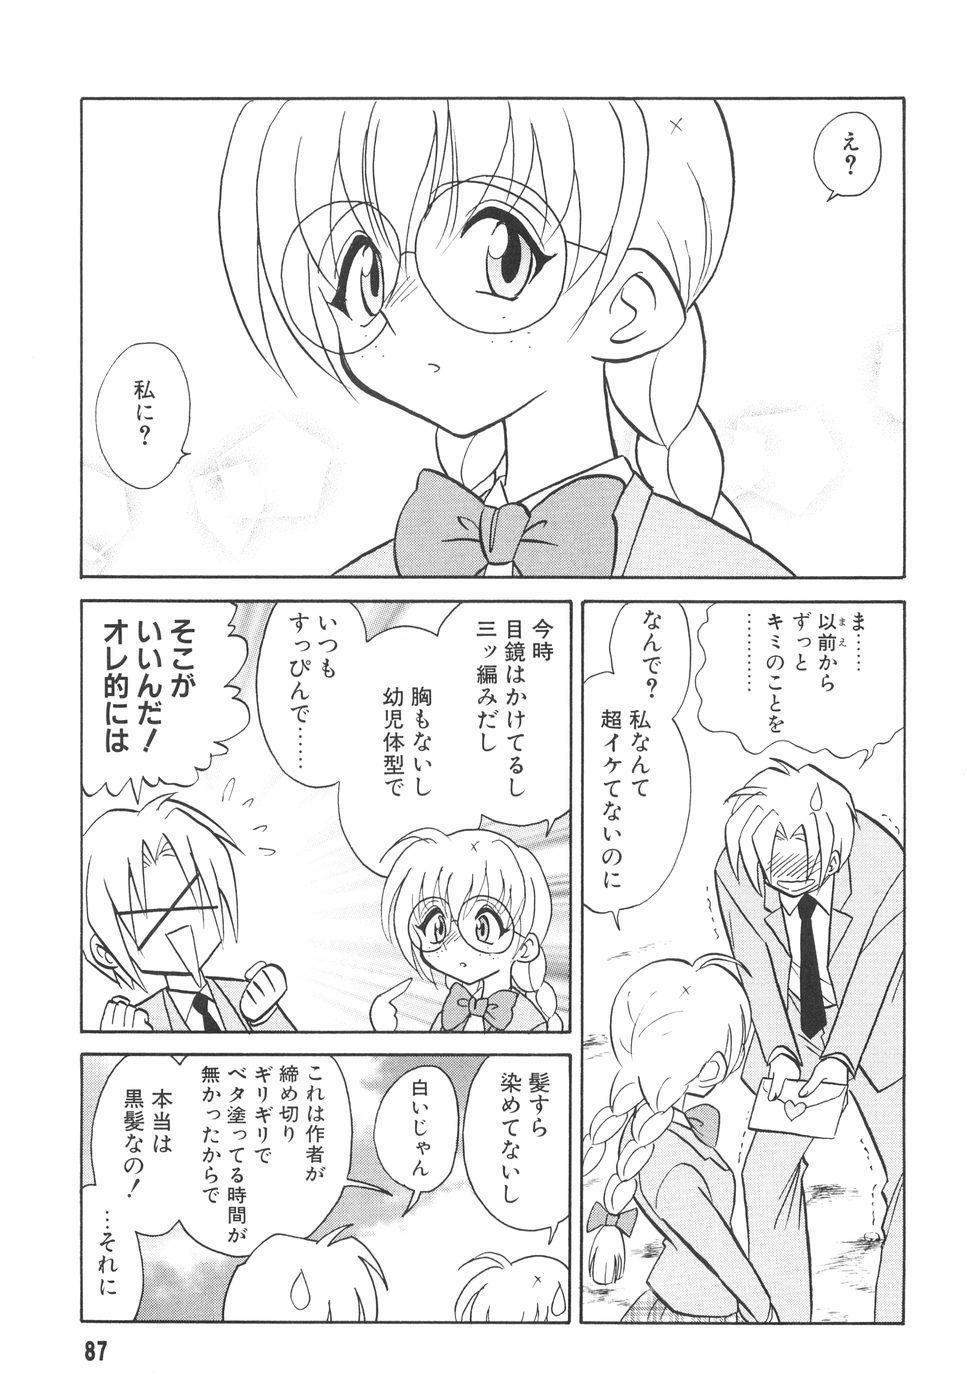 Hazukashime no Jikan 87